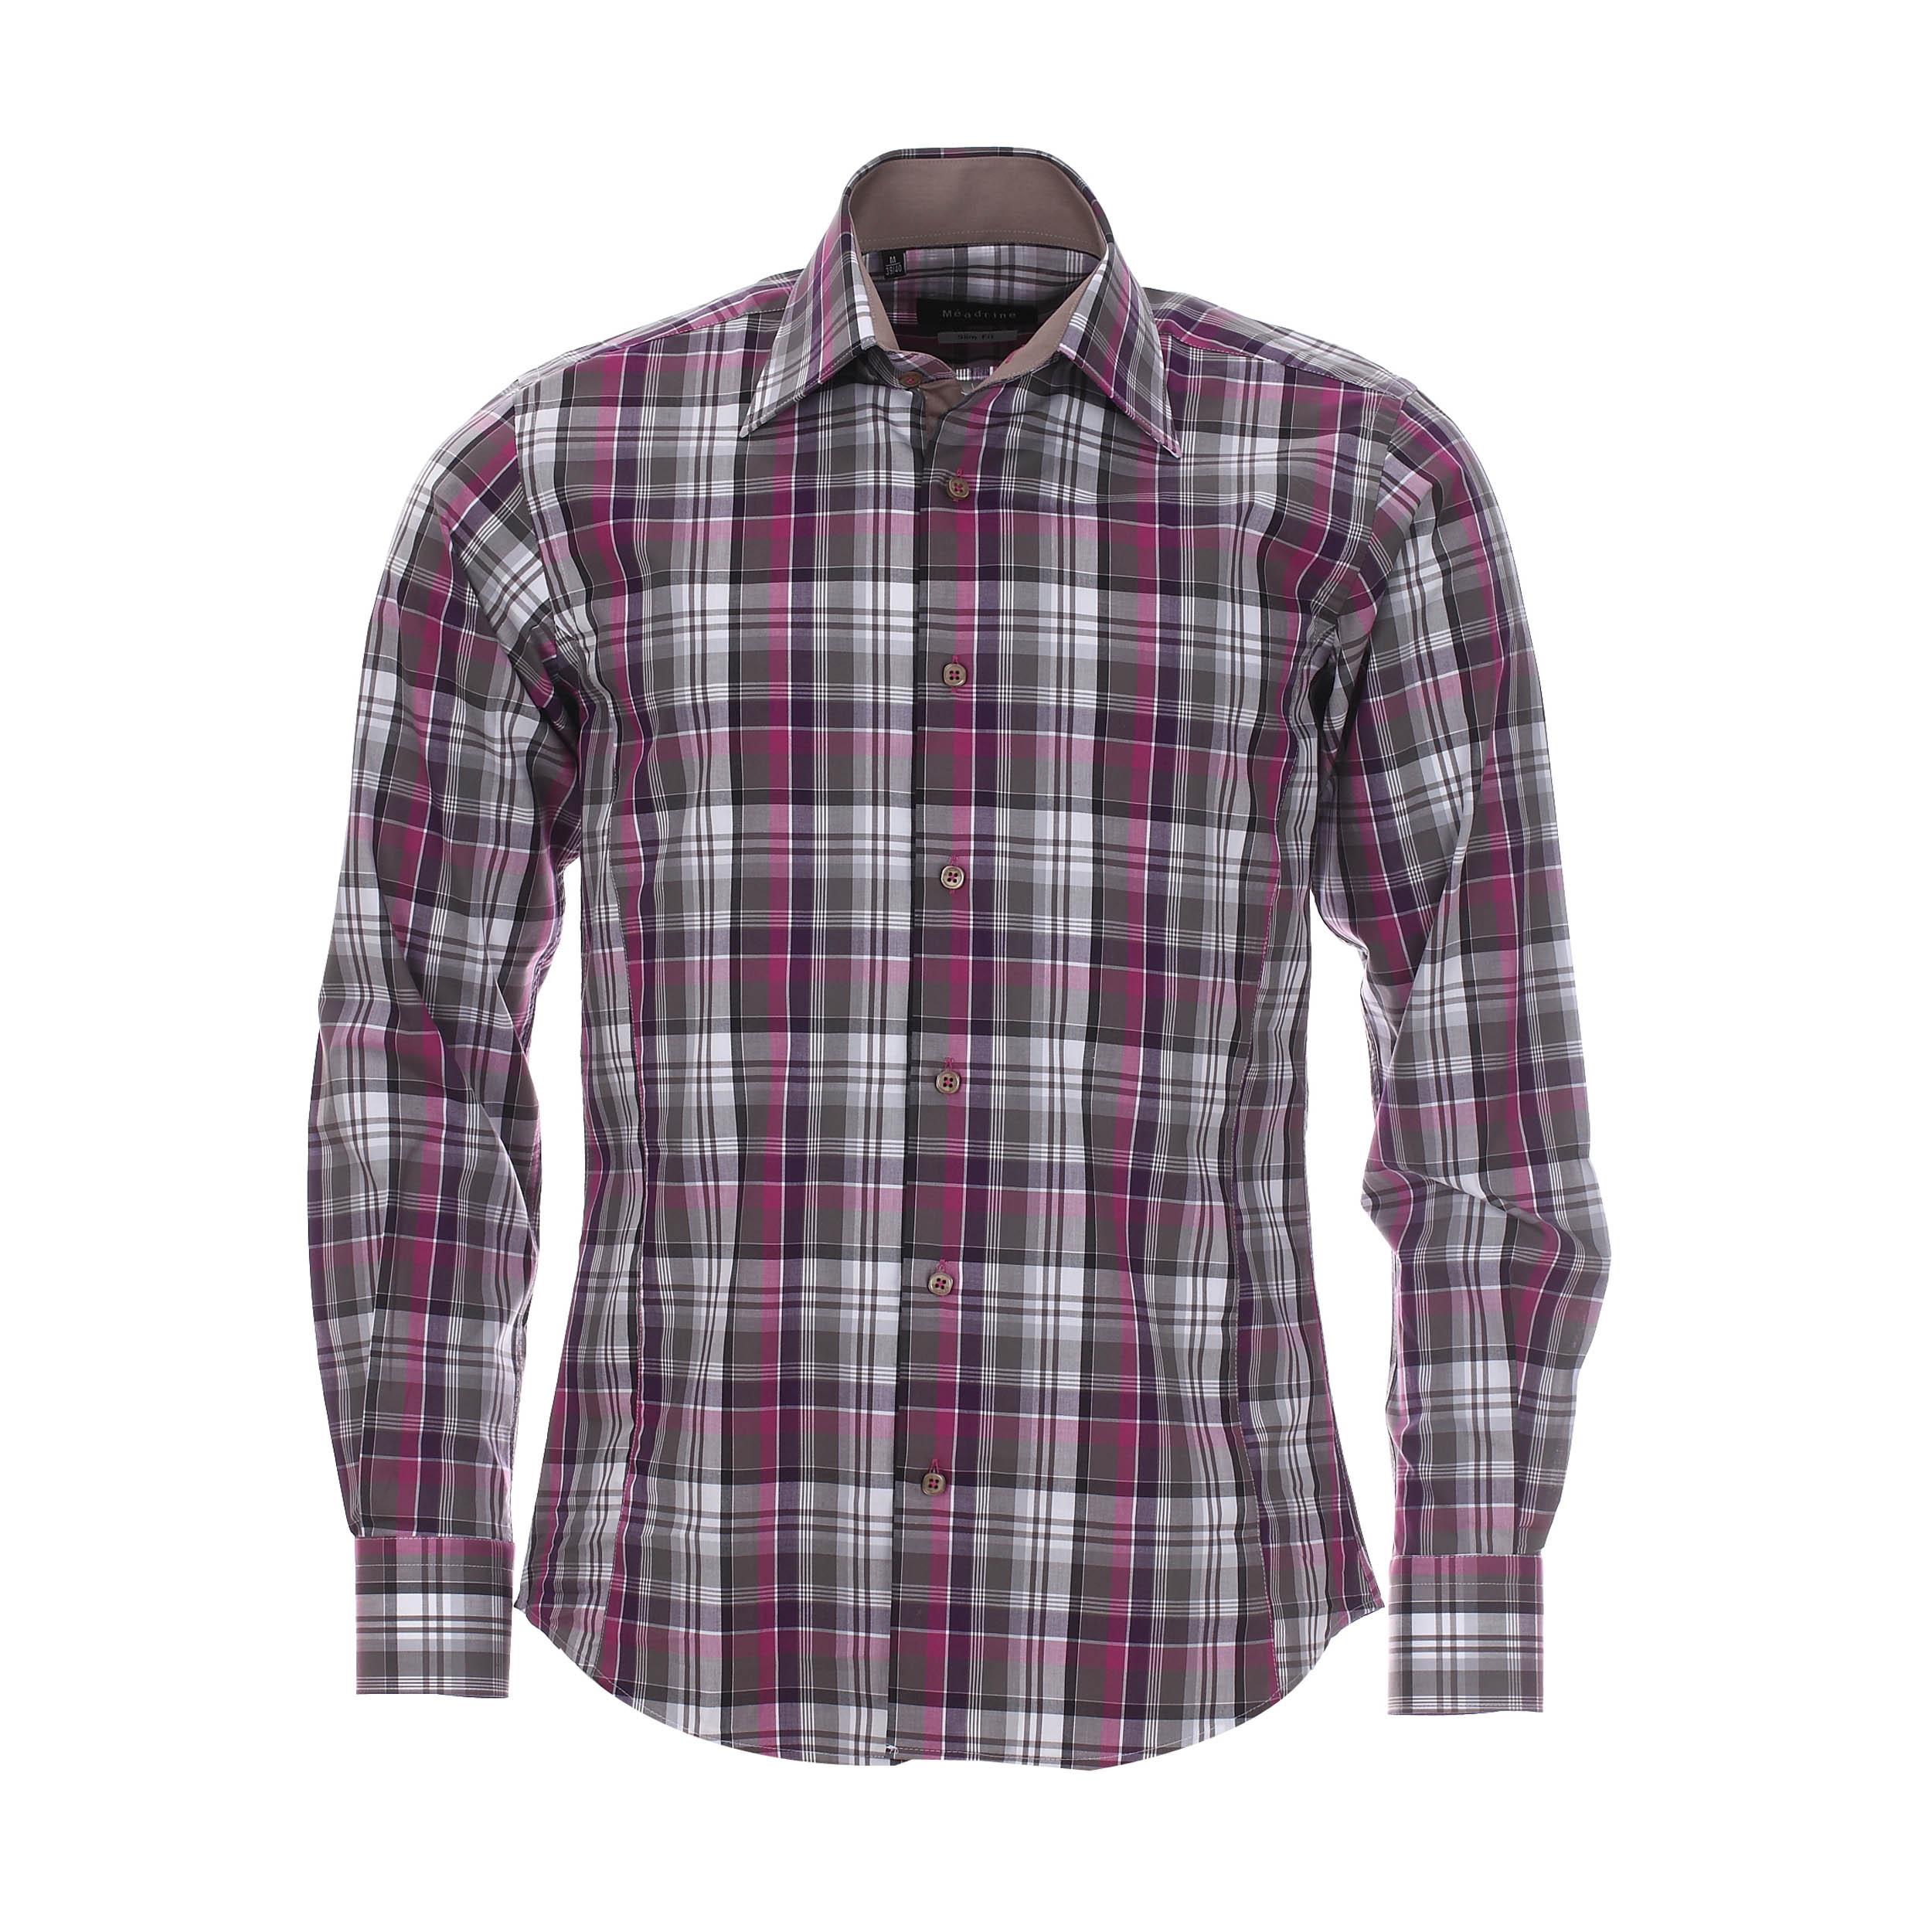 Chemise cintrée  en coton à carreaux gris et violets, opposition marron clair